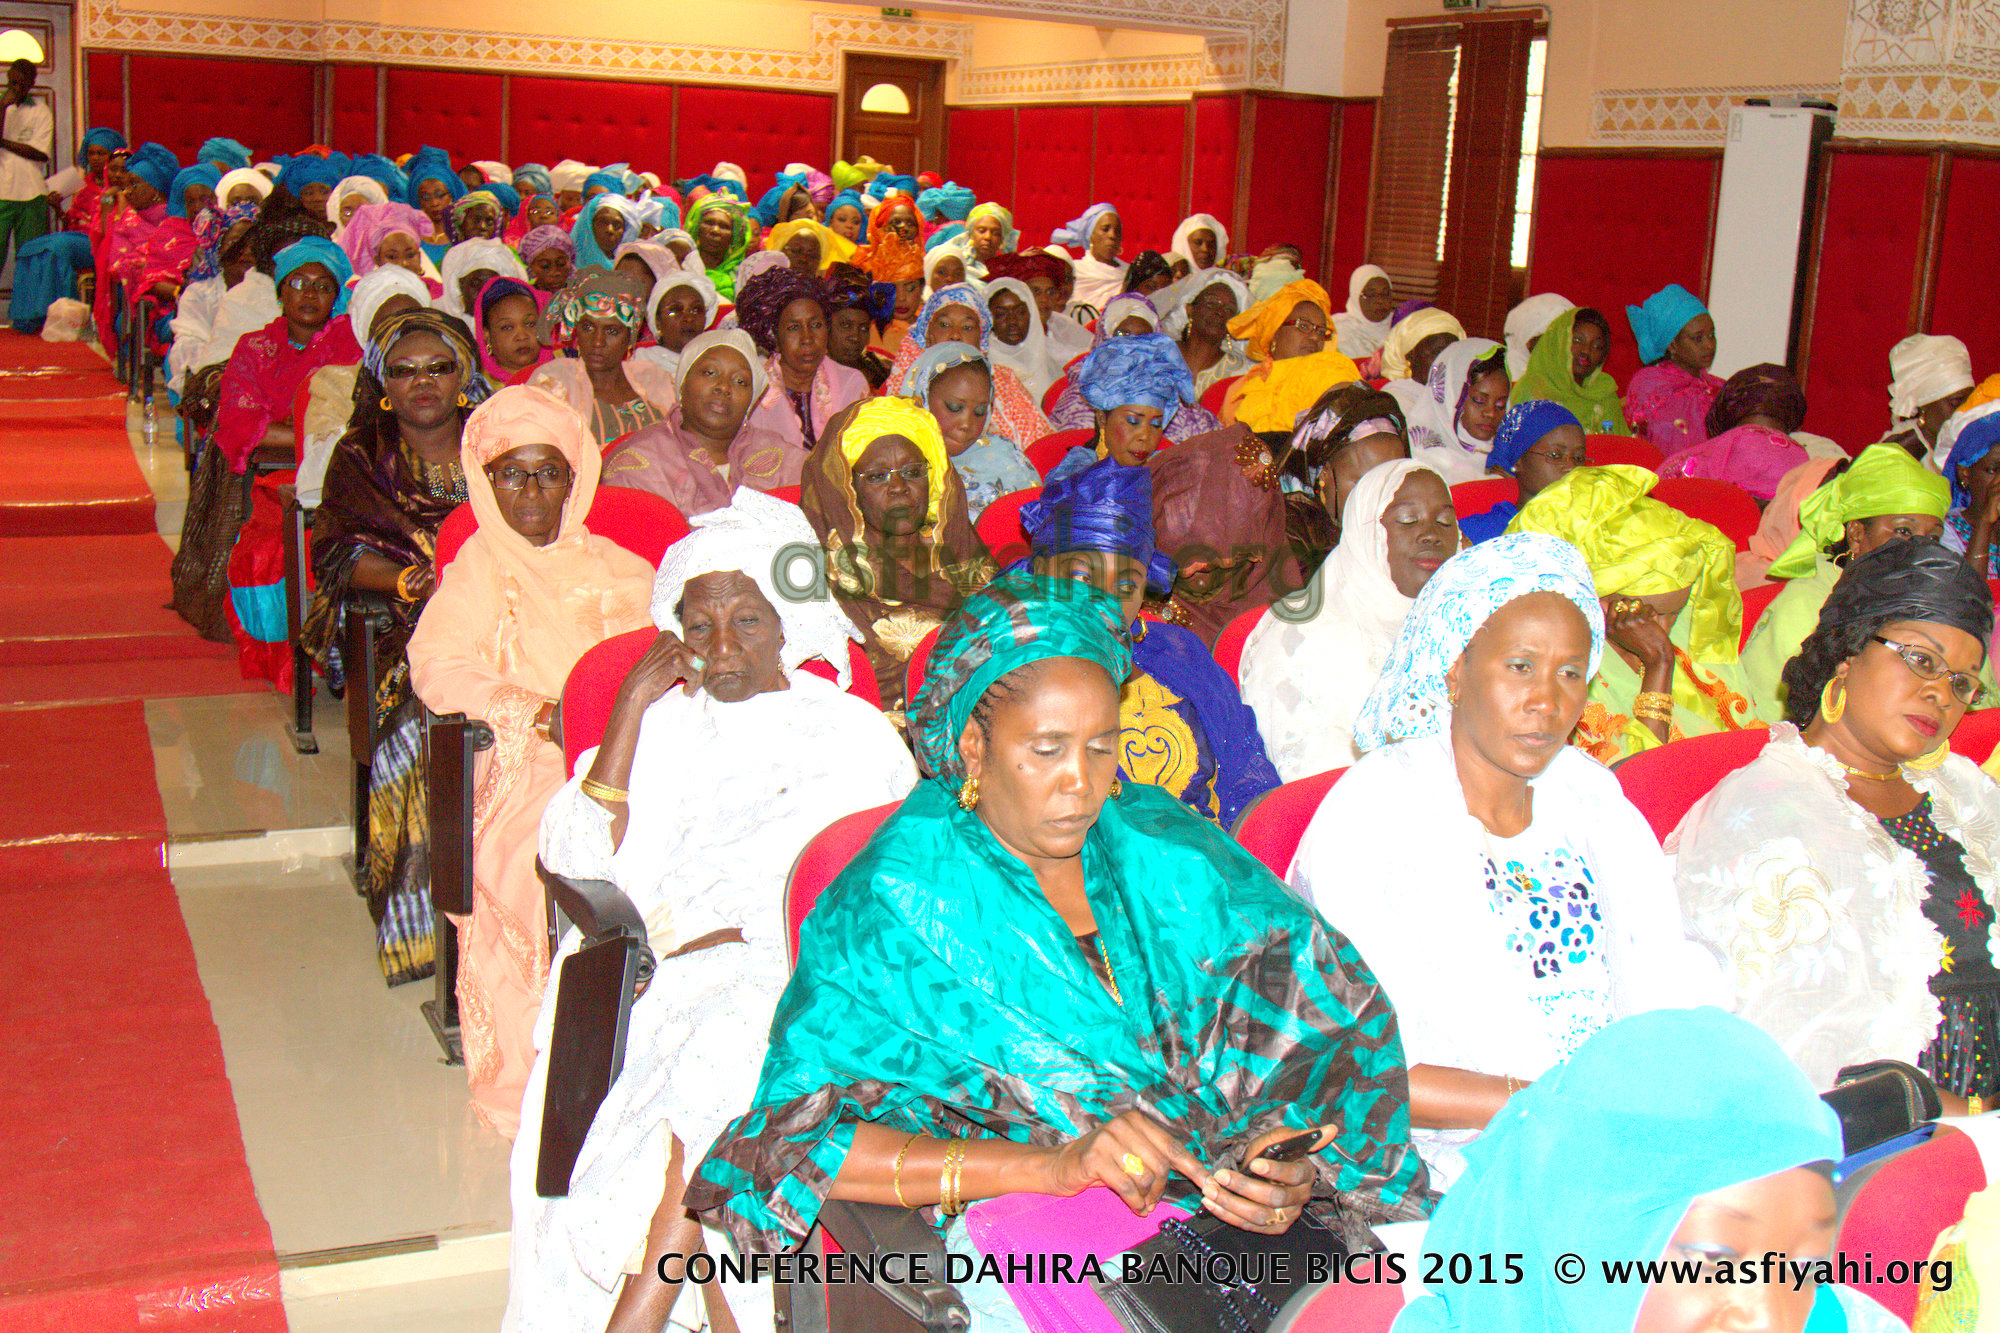 PHOTOS - Les Images de la Conférence du Dahira Khaïry Wal Baraka de la Banque BICIS, organisée le Samedi 28 Mars 2015